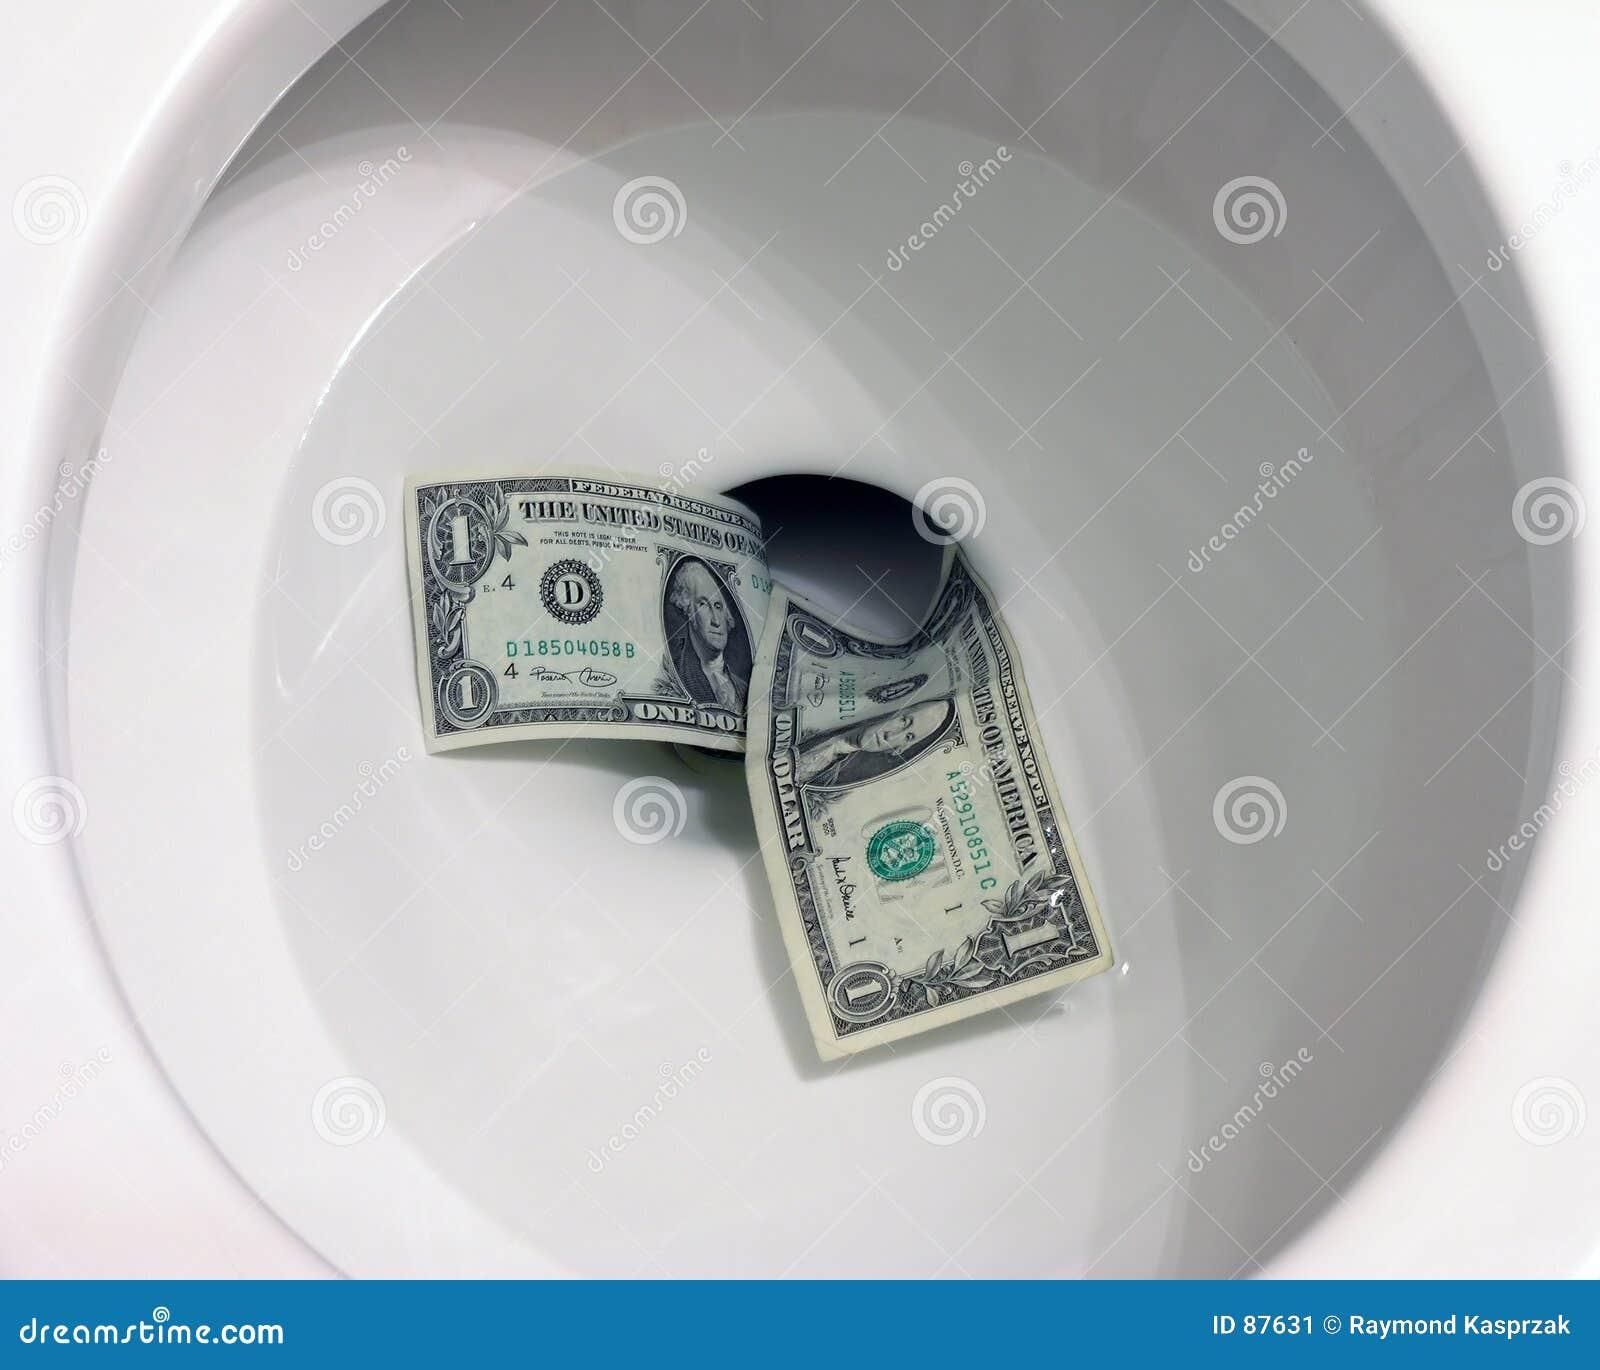 Geld hinunter die Toilette